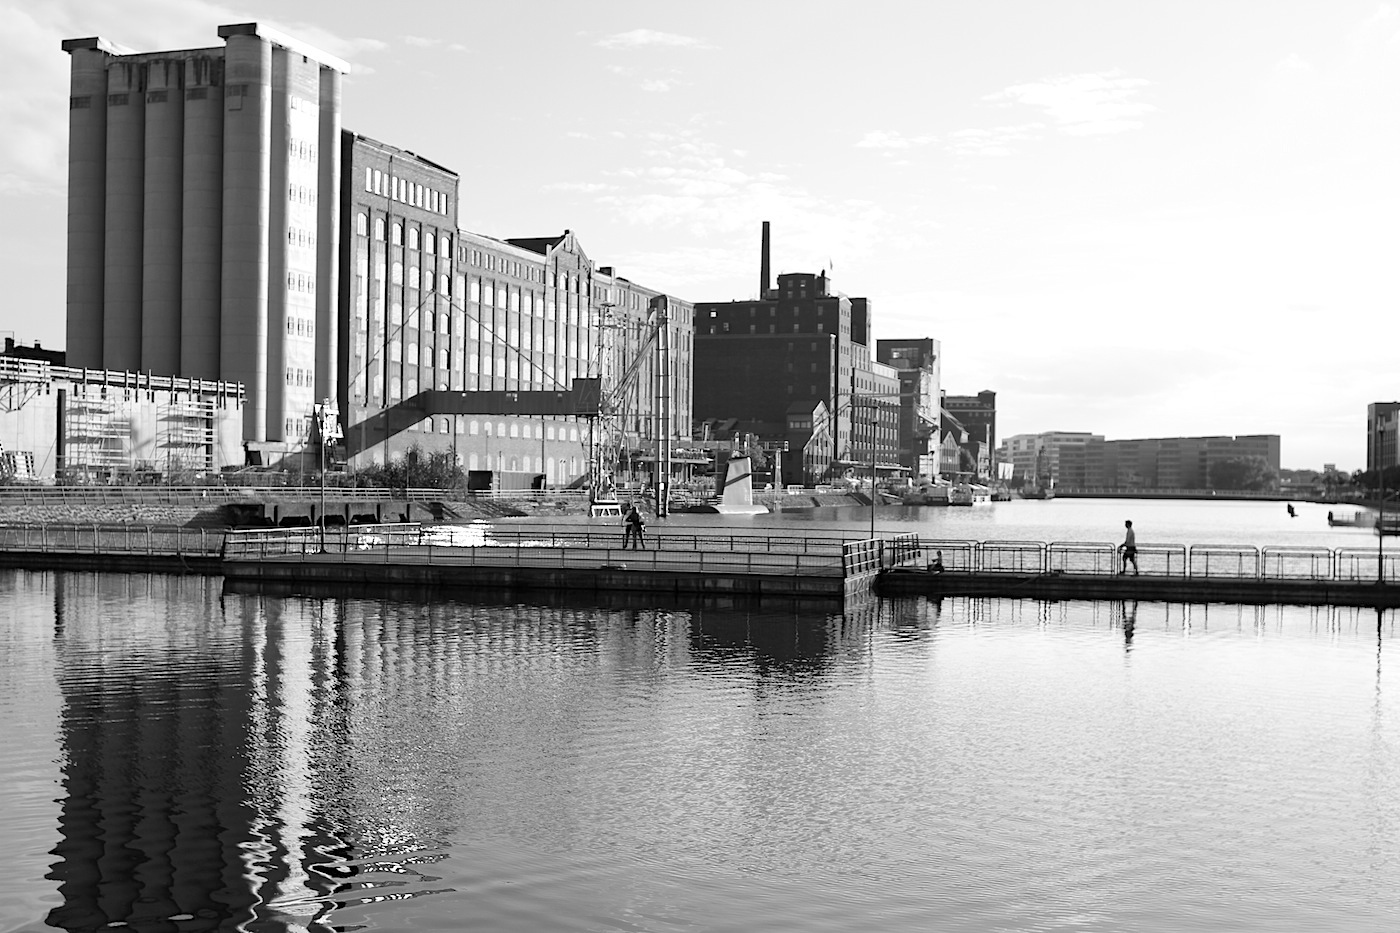 Der Innenhafen Duisburg. war über 100 Jahre ein wichtiger Hafen- und Handelsplatz. Ab den 1990ern setzte die Stadt auf die großflächige Sanierung des Areals.